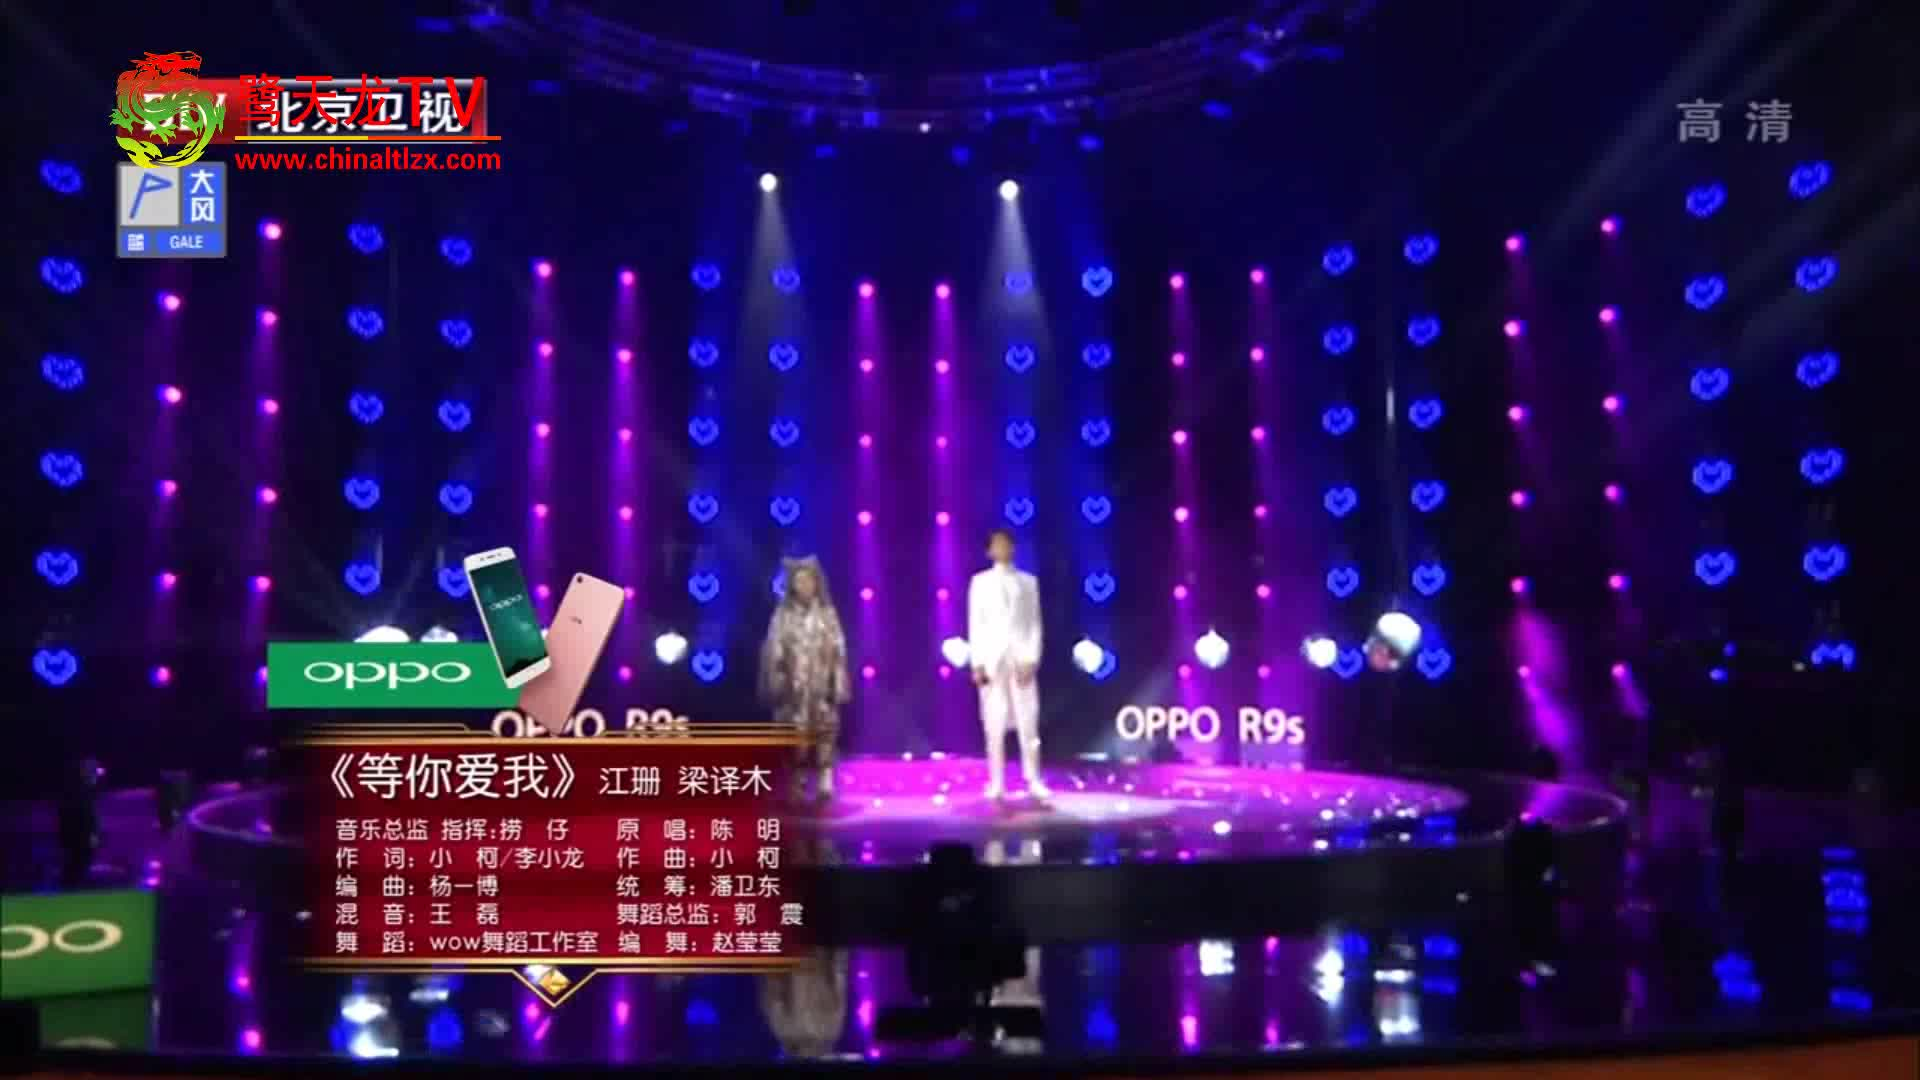 跨界歌王第二季: 江珊梁译木唱情歌《等你爱我》